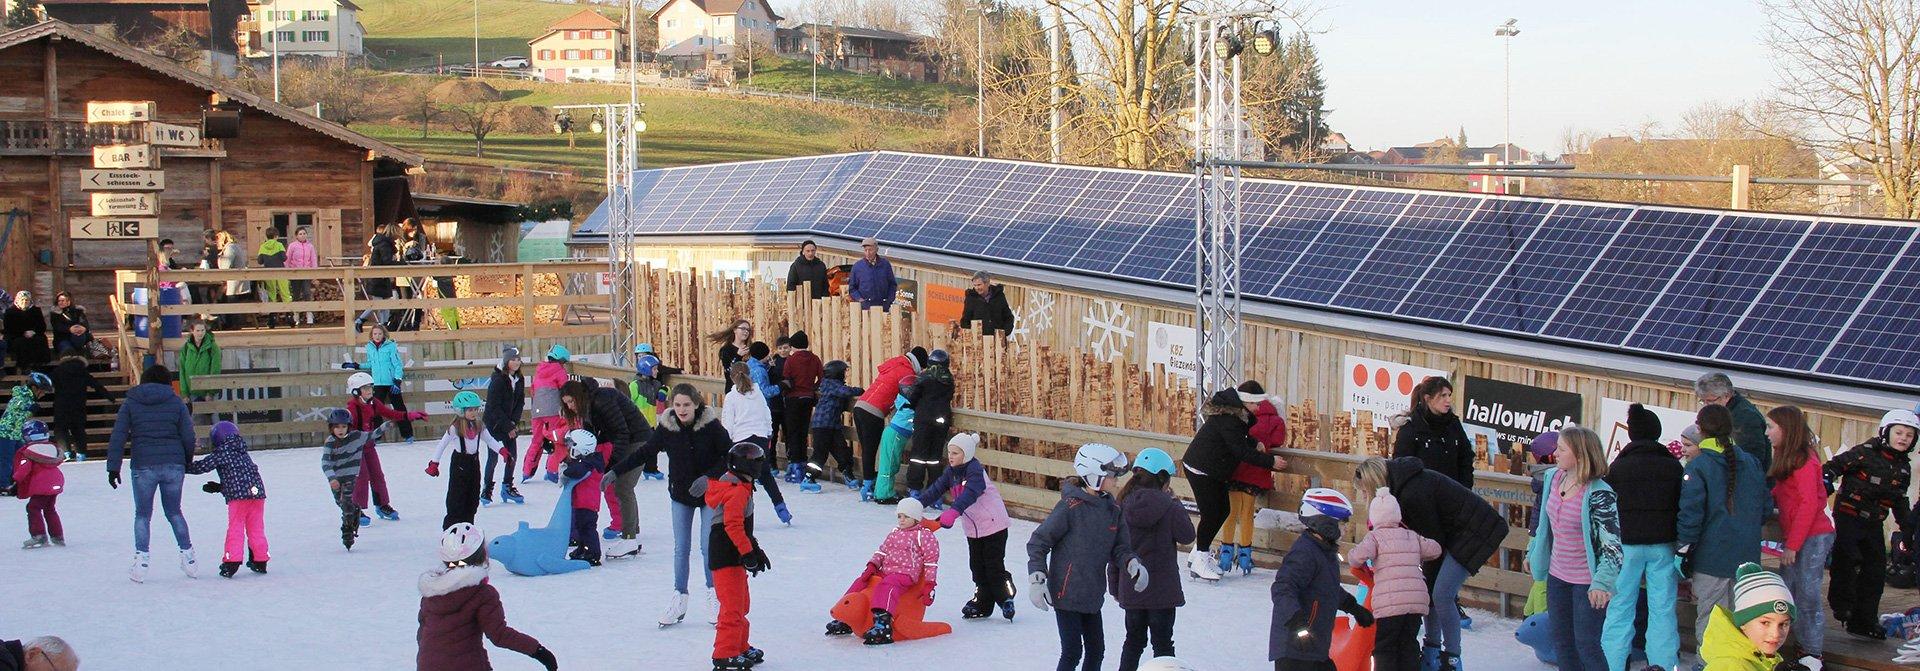 Viele Besucher auf Eisfeld im Freien mit PV-Anlage